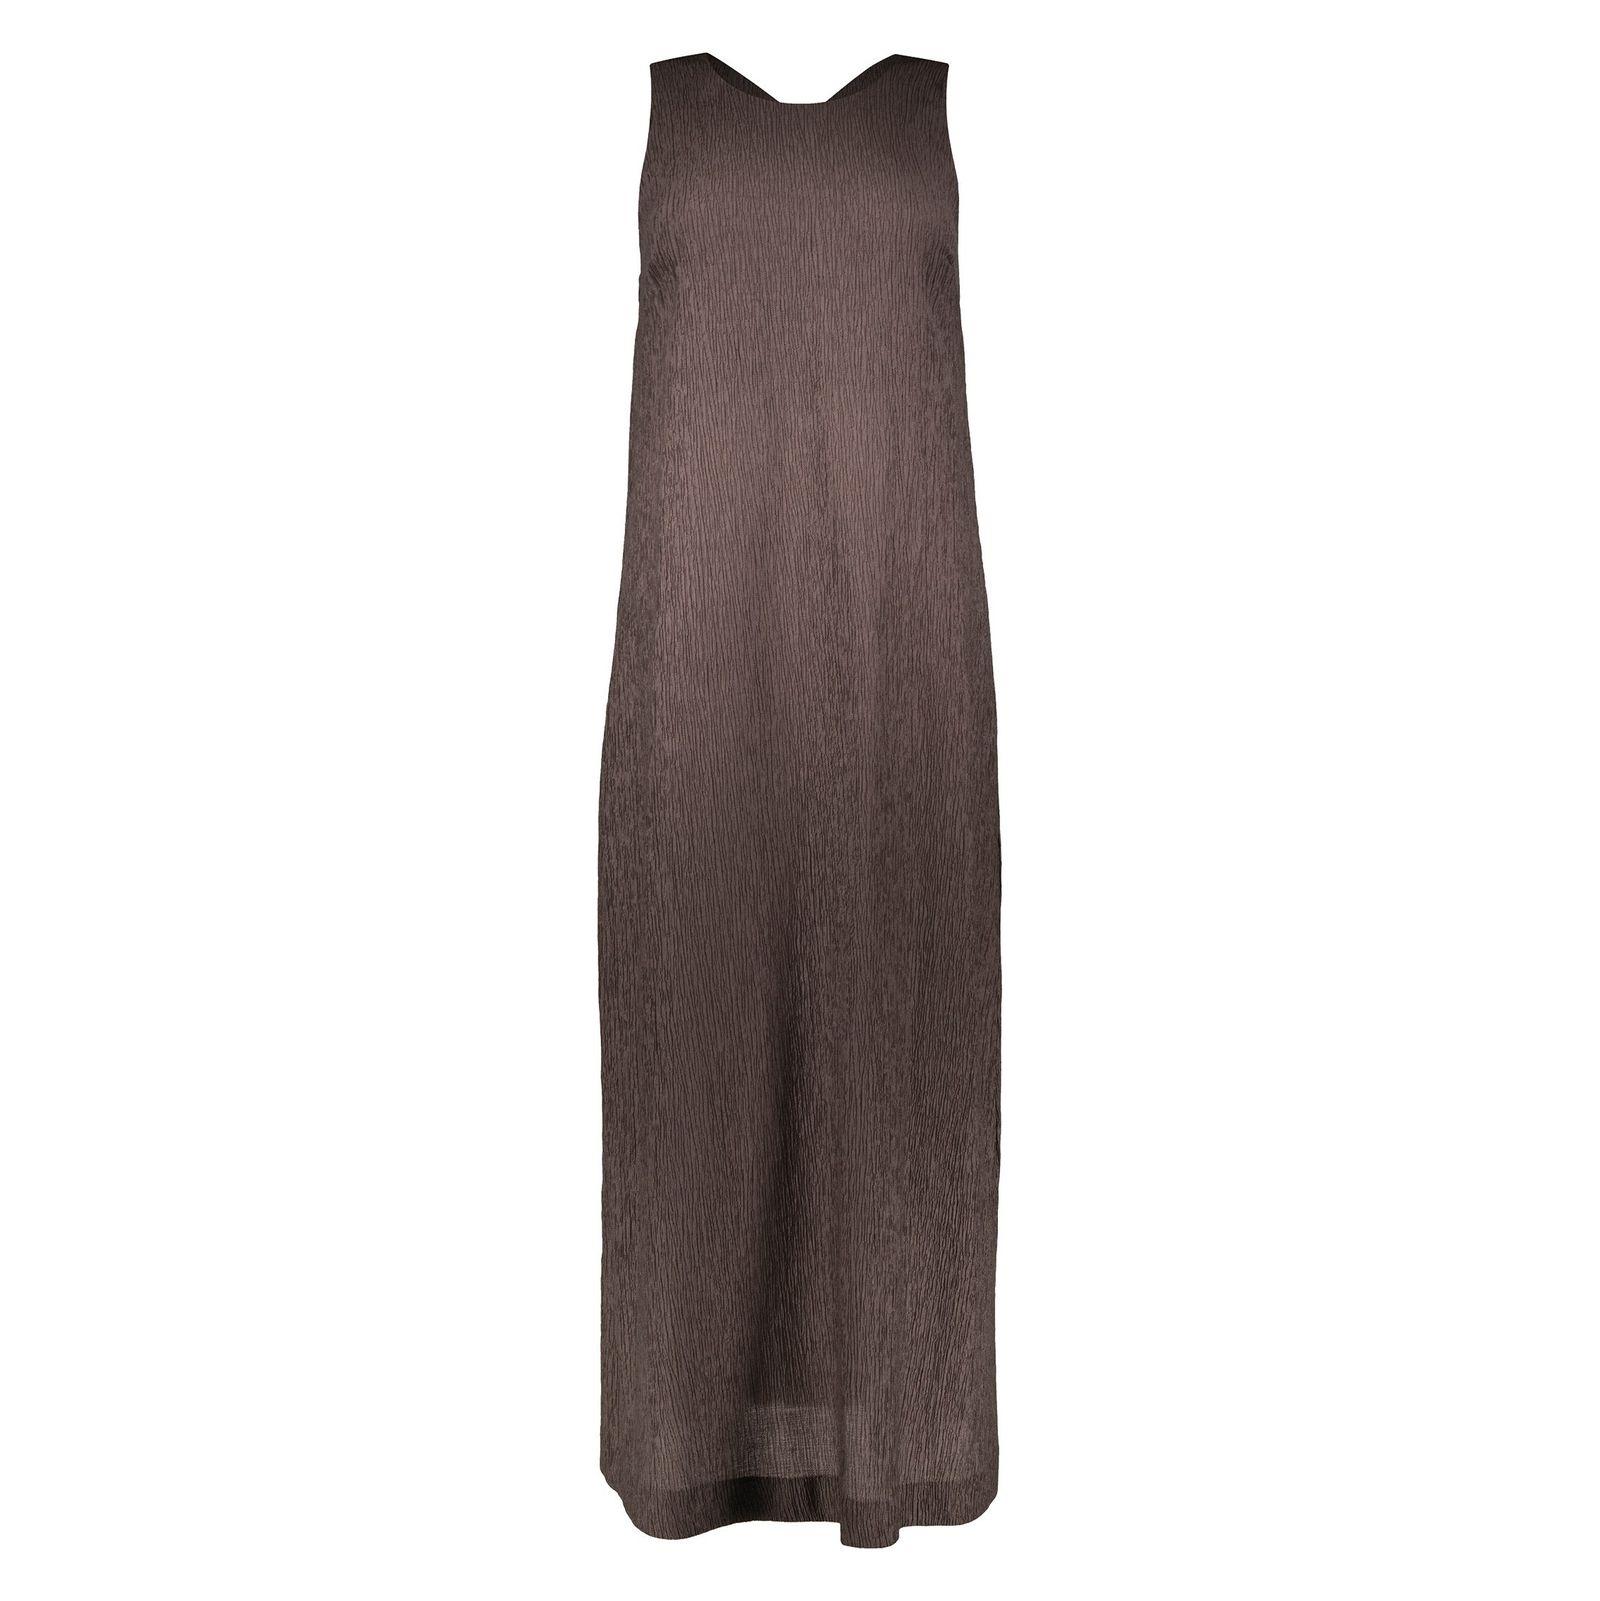 پیراهن بلند زنانه - استفانل - قهوه اي - 1